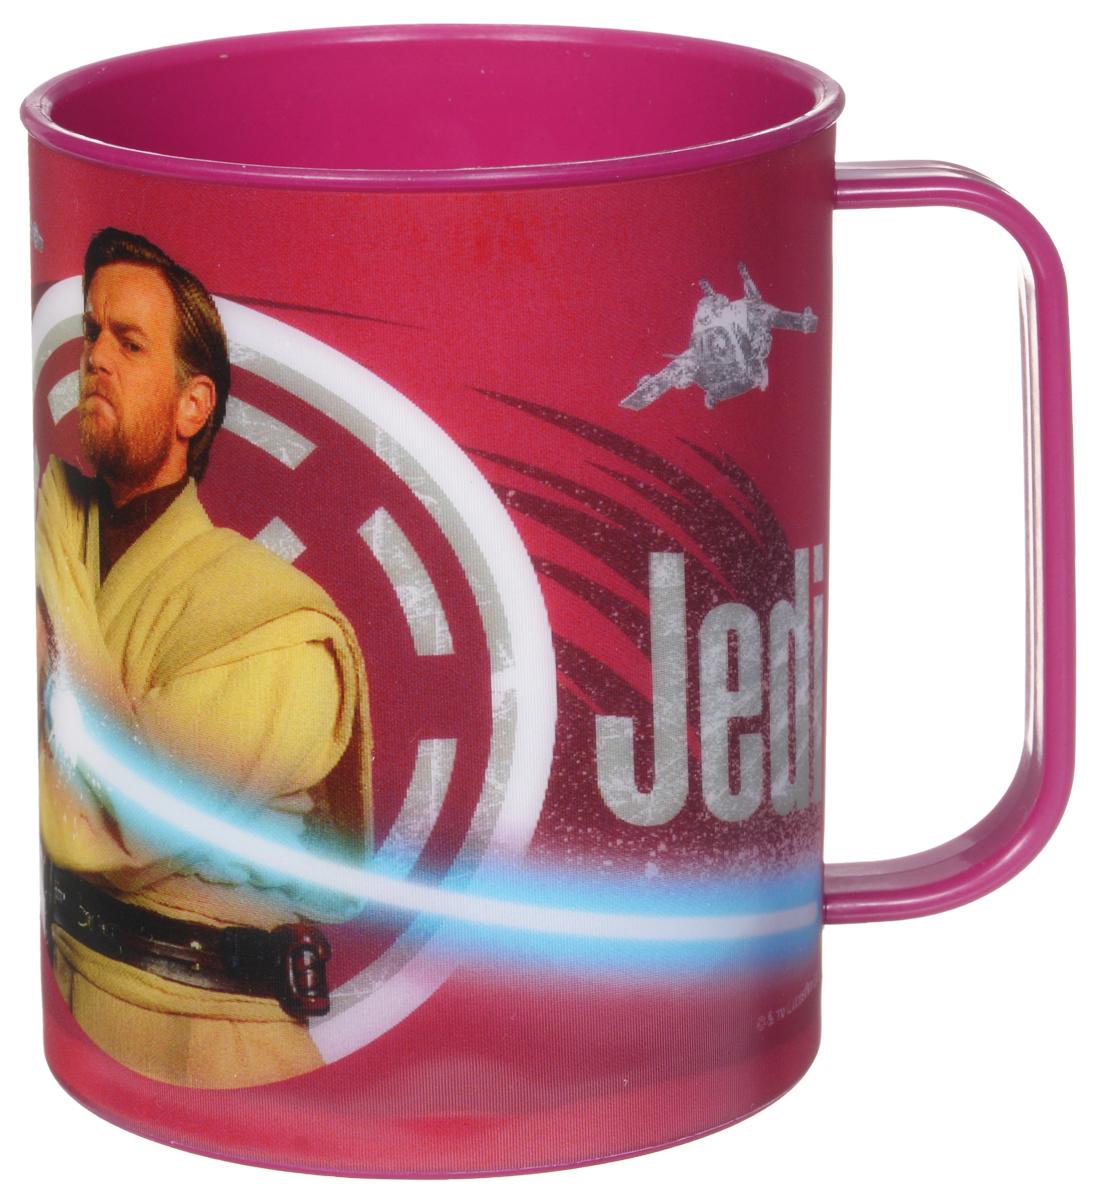 Star Wars Кружка детская Джедай 325 мл115510Детская кружка Star Wars Джедай станет отличным подарком для любого фаната знаменитой саги. Она выполнена из полипропилена и оформлена рисунком с изображением джедая Оби-Вана Кеноби. Специальное покрытие с отливом делает изображение на кружке более объемным.Объем кружки: 325 мл. Не подходит для использования в посудомоечной машине и СВЧ-печи.